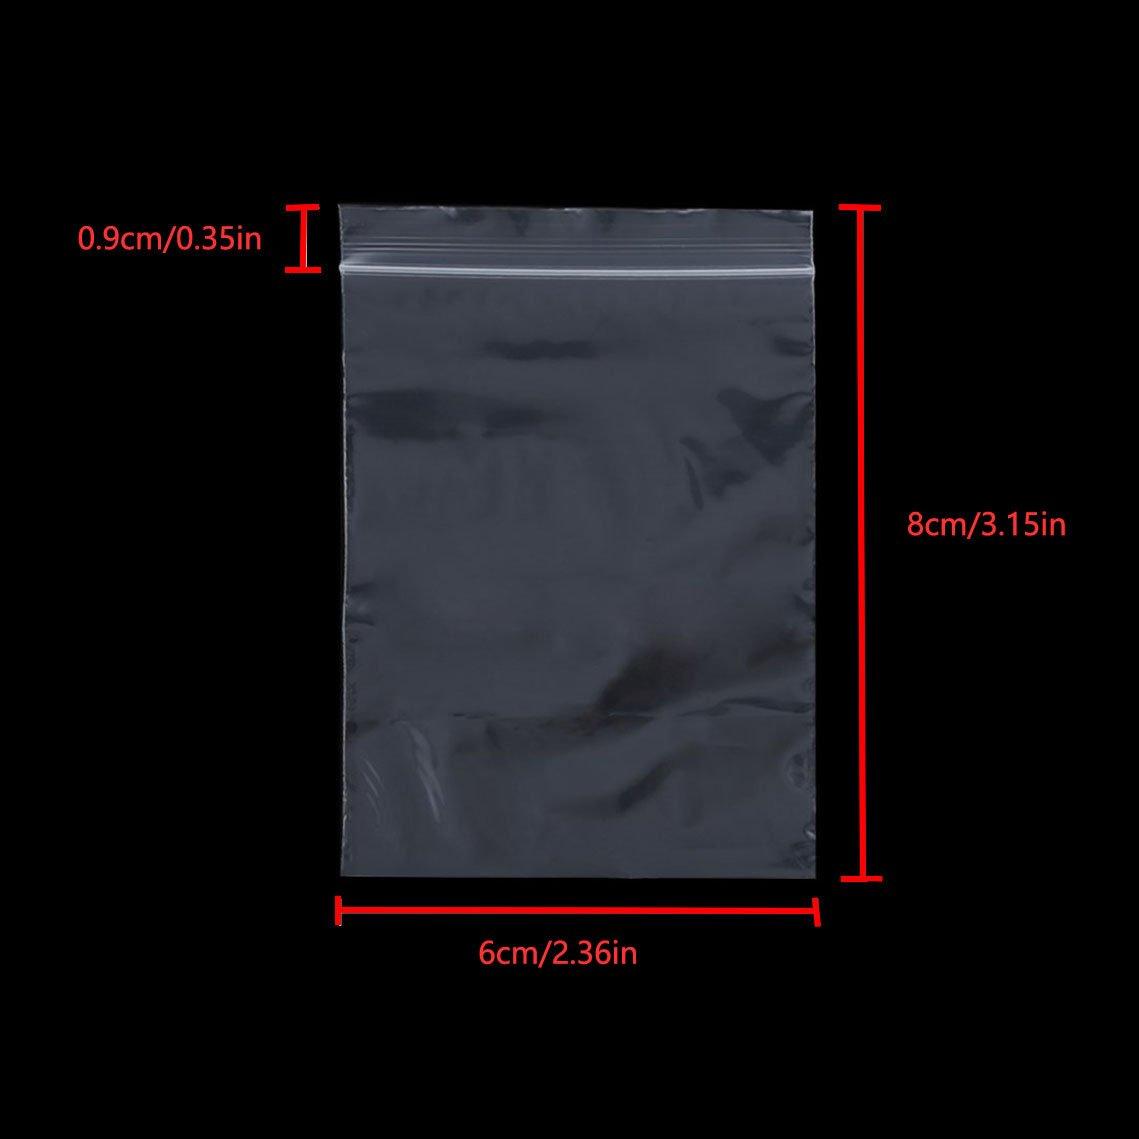 Ispessimento e Durevole premere per chiudere Borsa con Chiusura a Cerniera Riutilizzabile Sacchetti in plastica Trasparente risigillabili 6x8cm240PZ